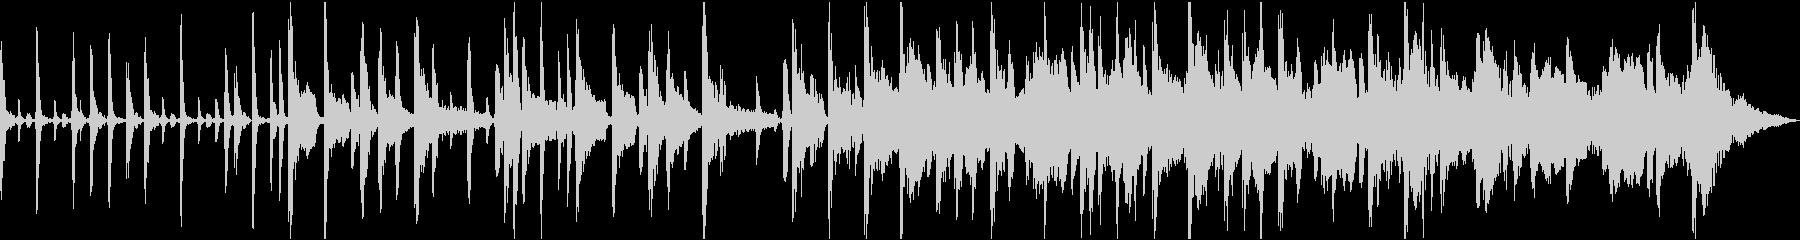 アコースティックベース、ピアノ、シ...の未再生の波形